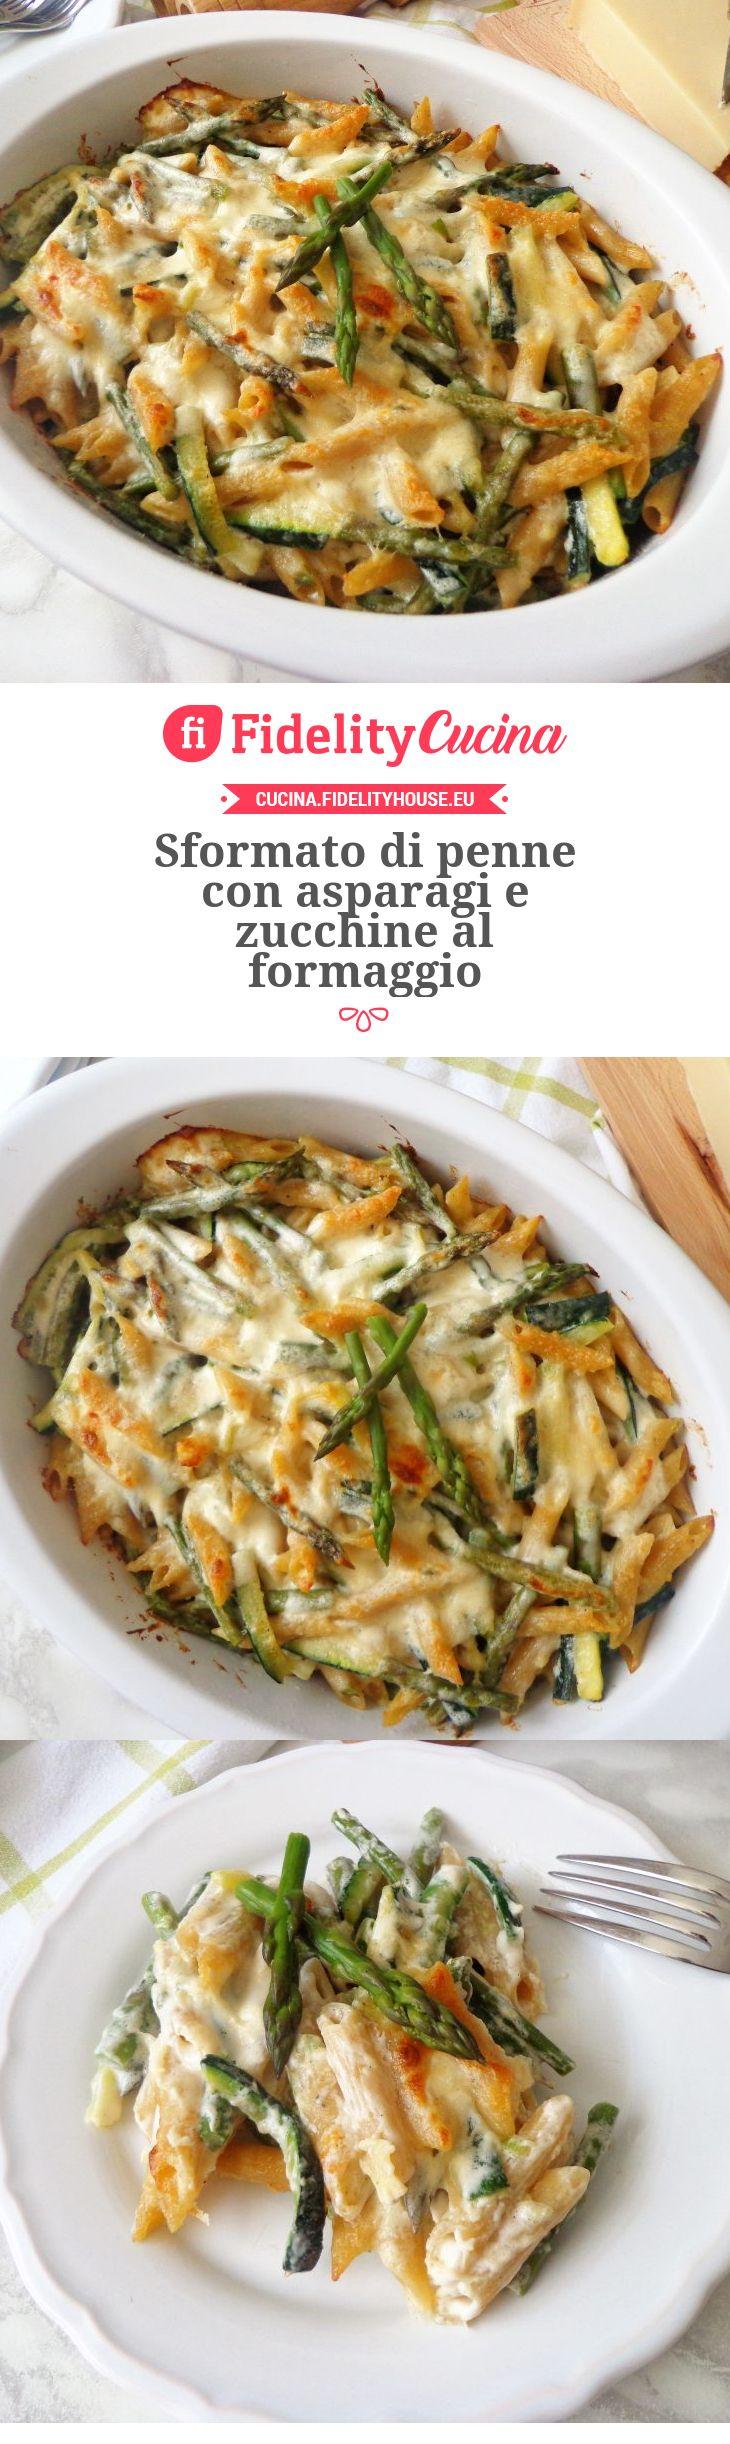 Sformato di penne con asparagi e zucchine al formaggio